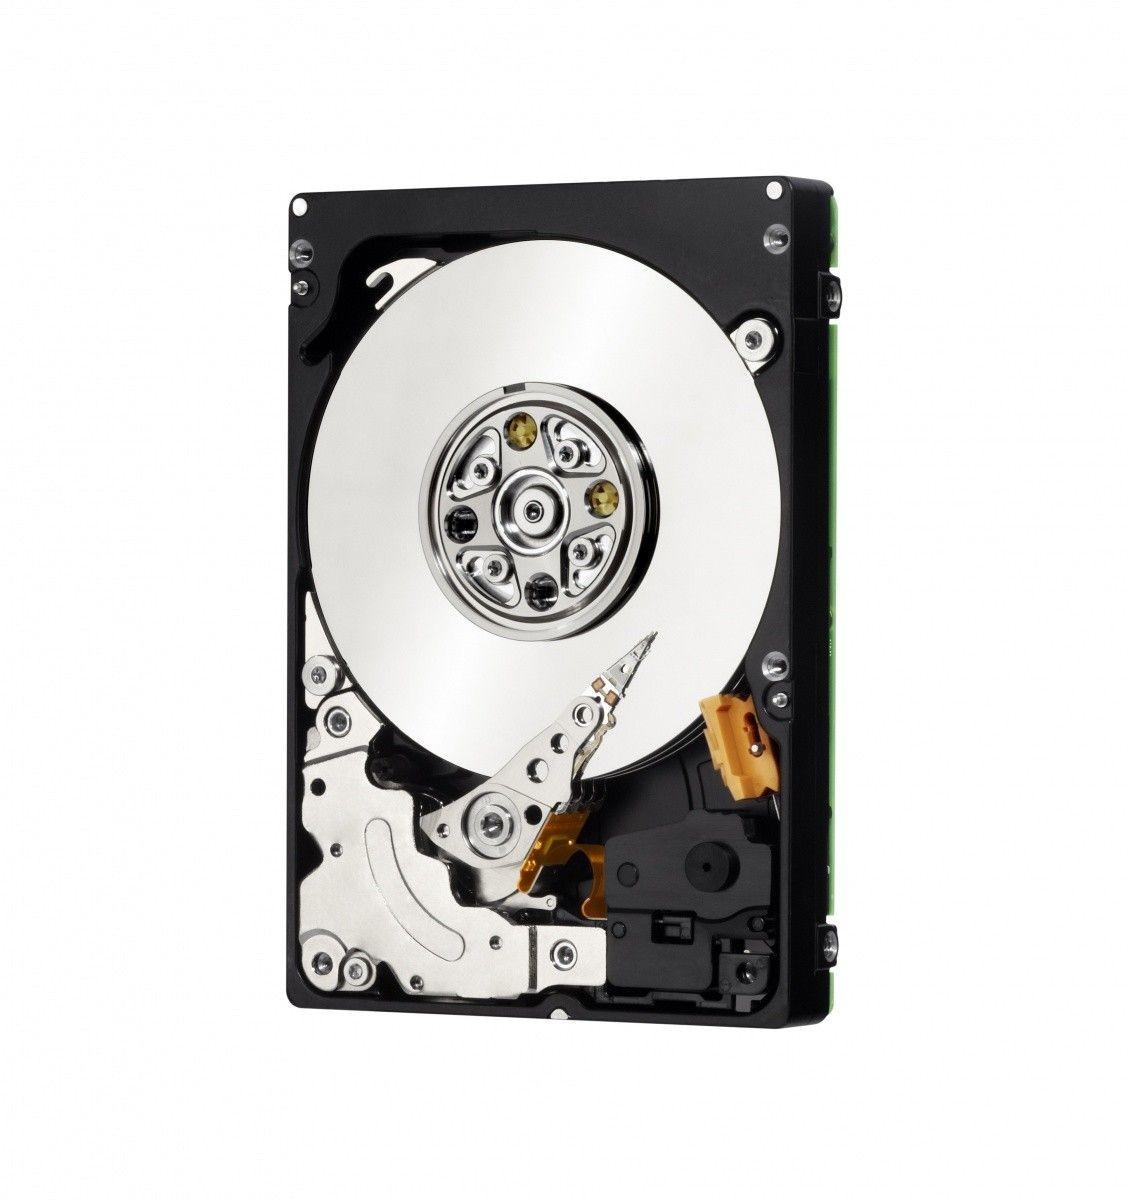 Fujitsu HD SAS 12G 300GB 10K 512n HOT PL 3.5' EP